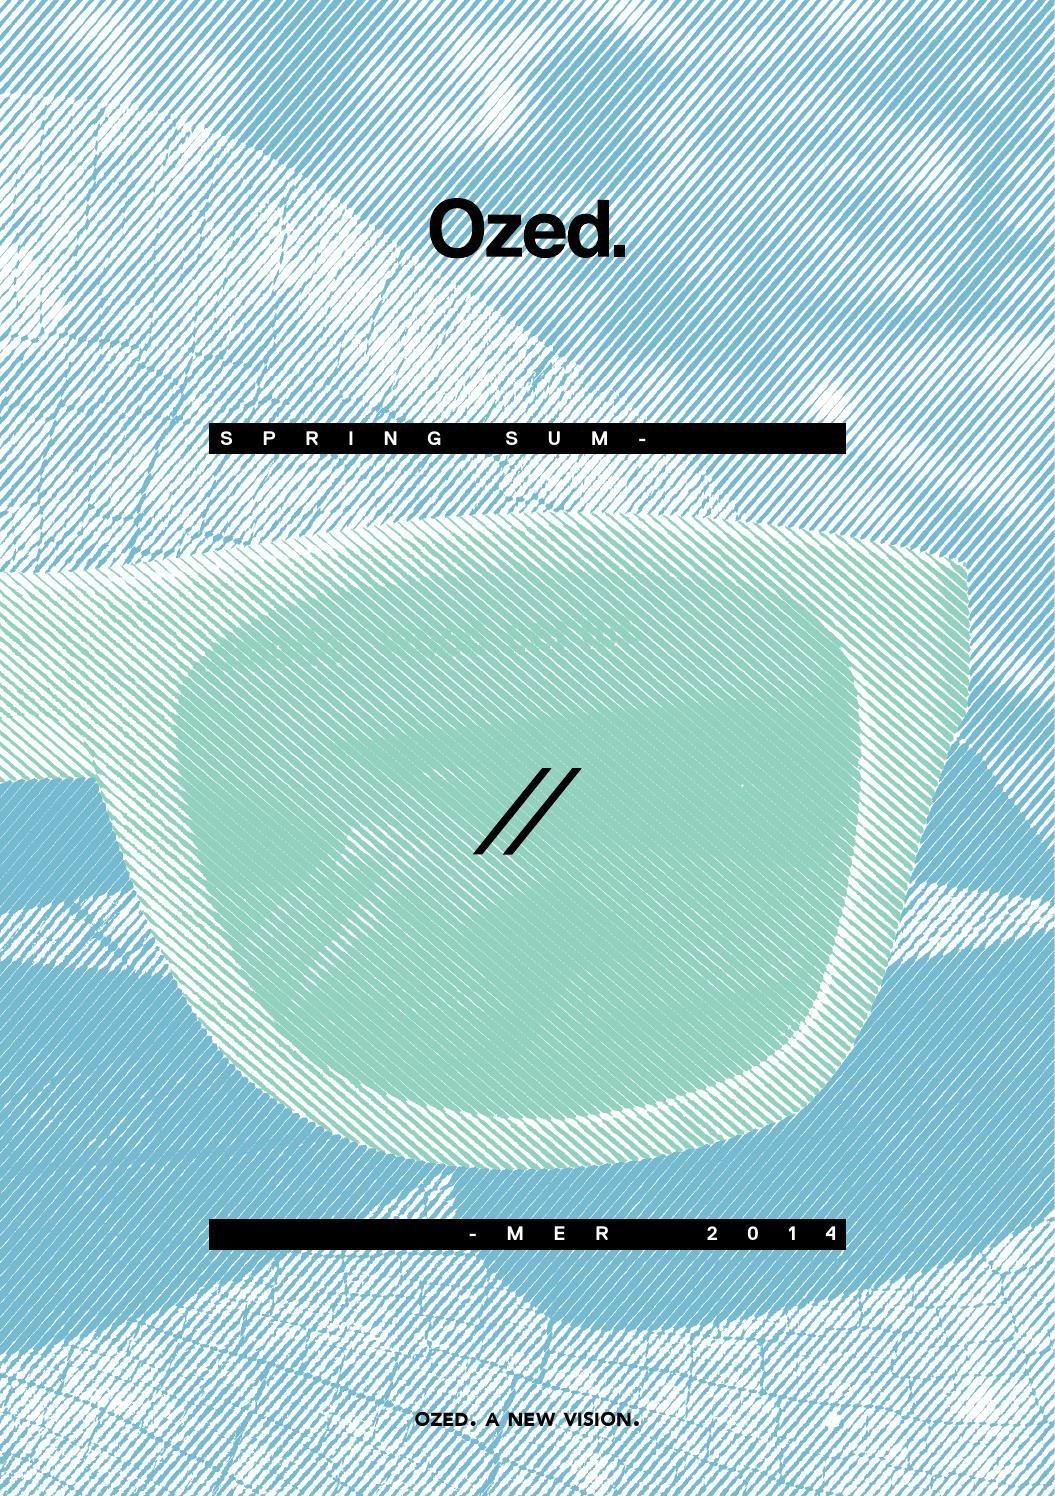 Ozed Summer 14 collection by OZED Eyewear Company Eyewear - issuu b4d16c7dc52a